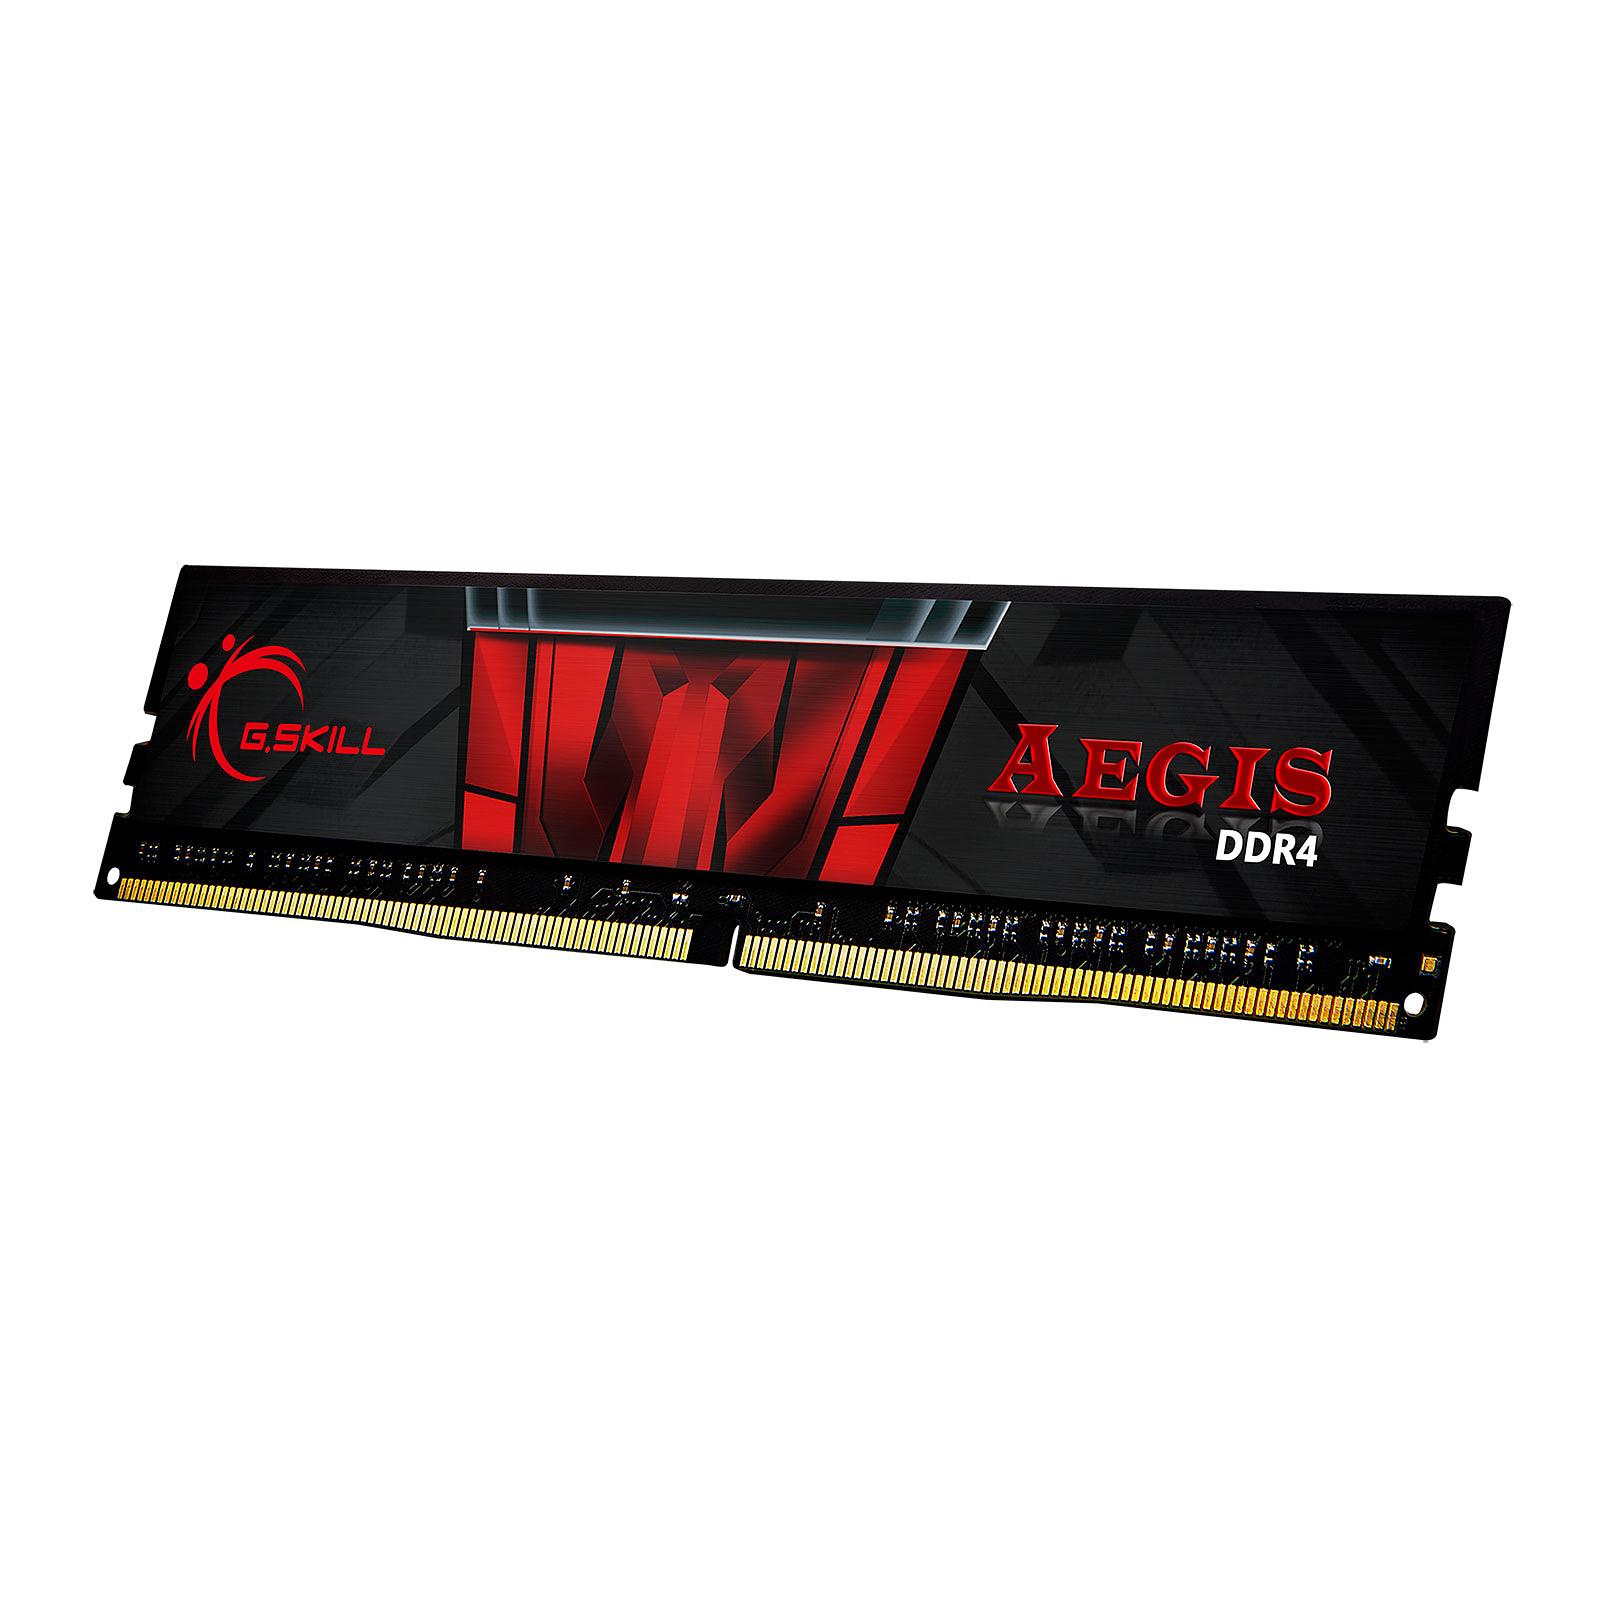 G.Skill Aegis 8 Go (1 x 8 Go) DDR4 3200 MHz CL16